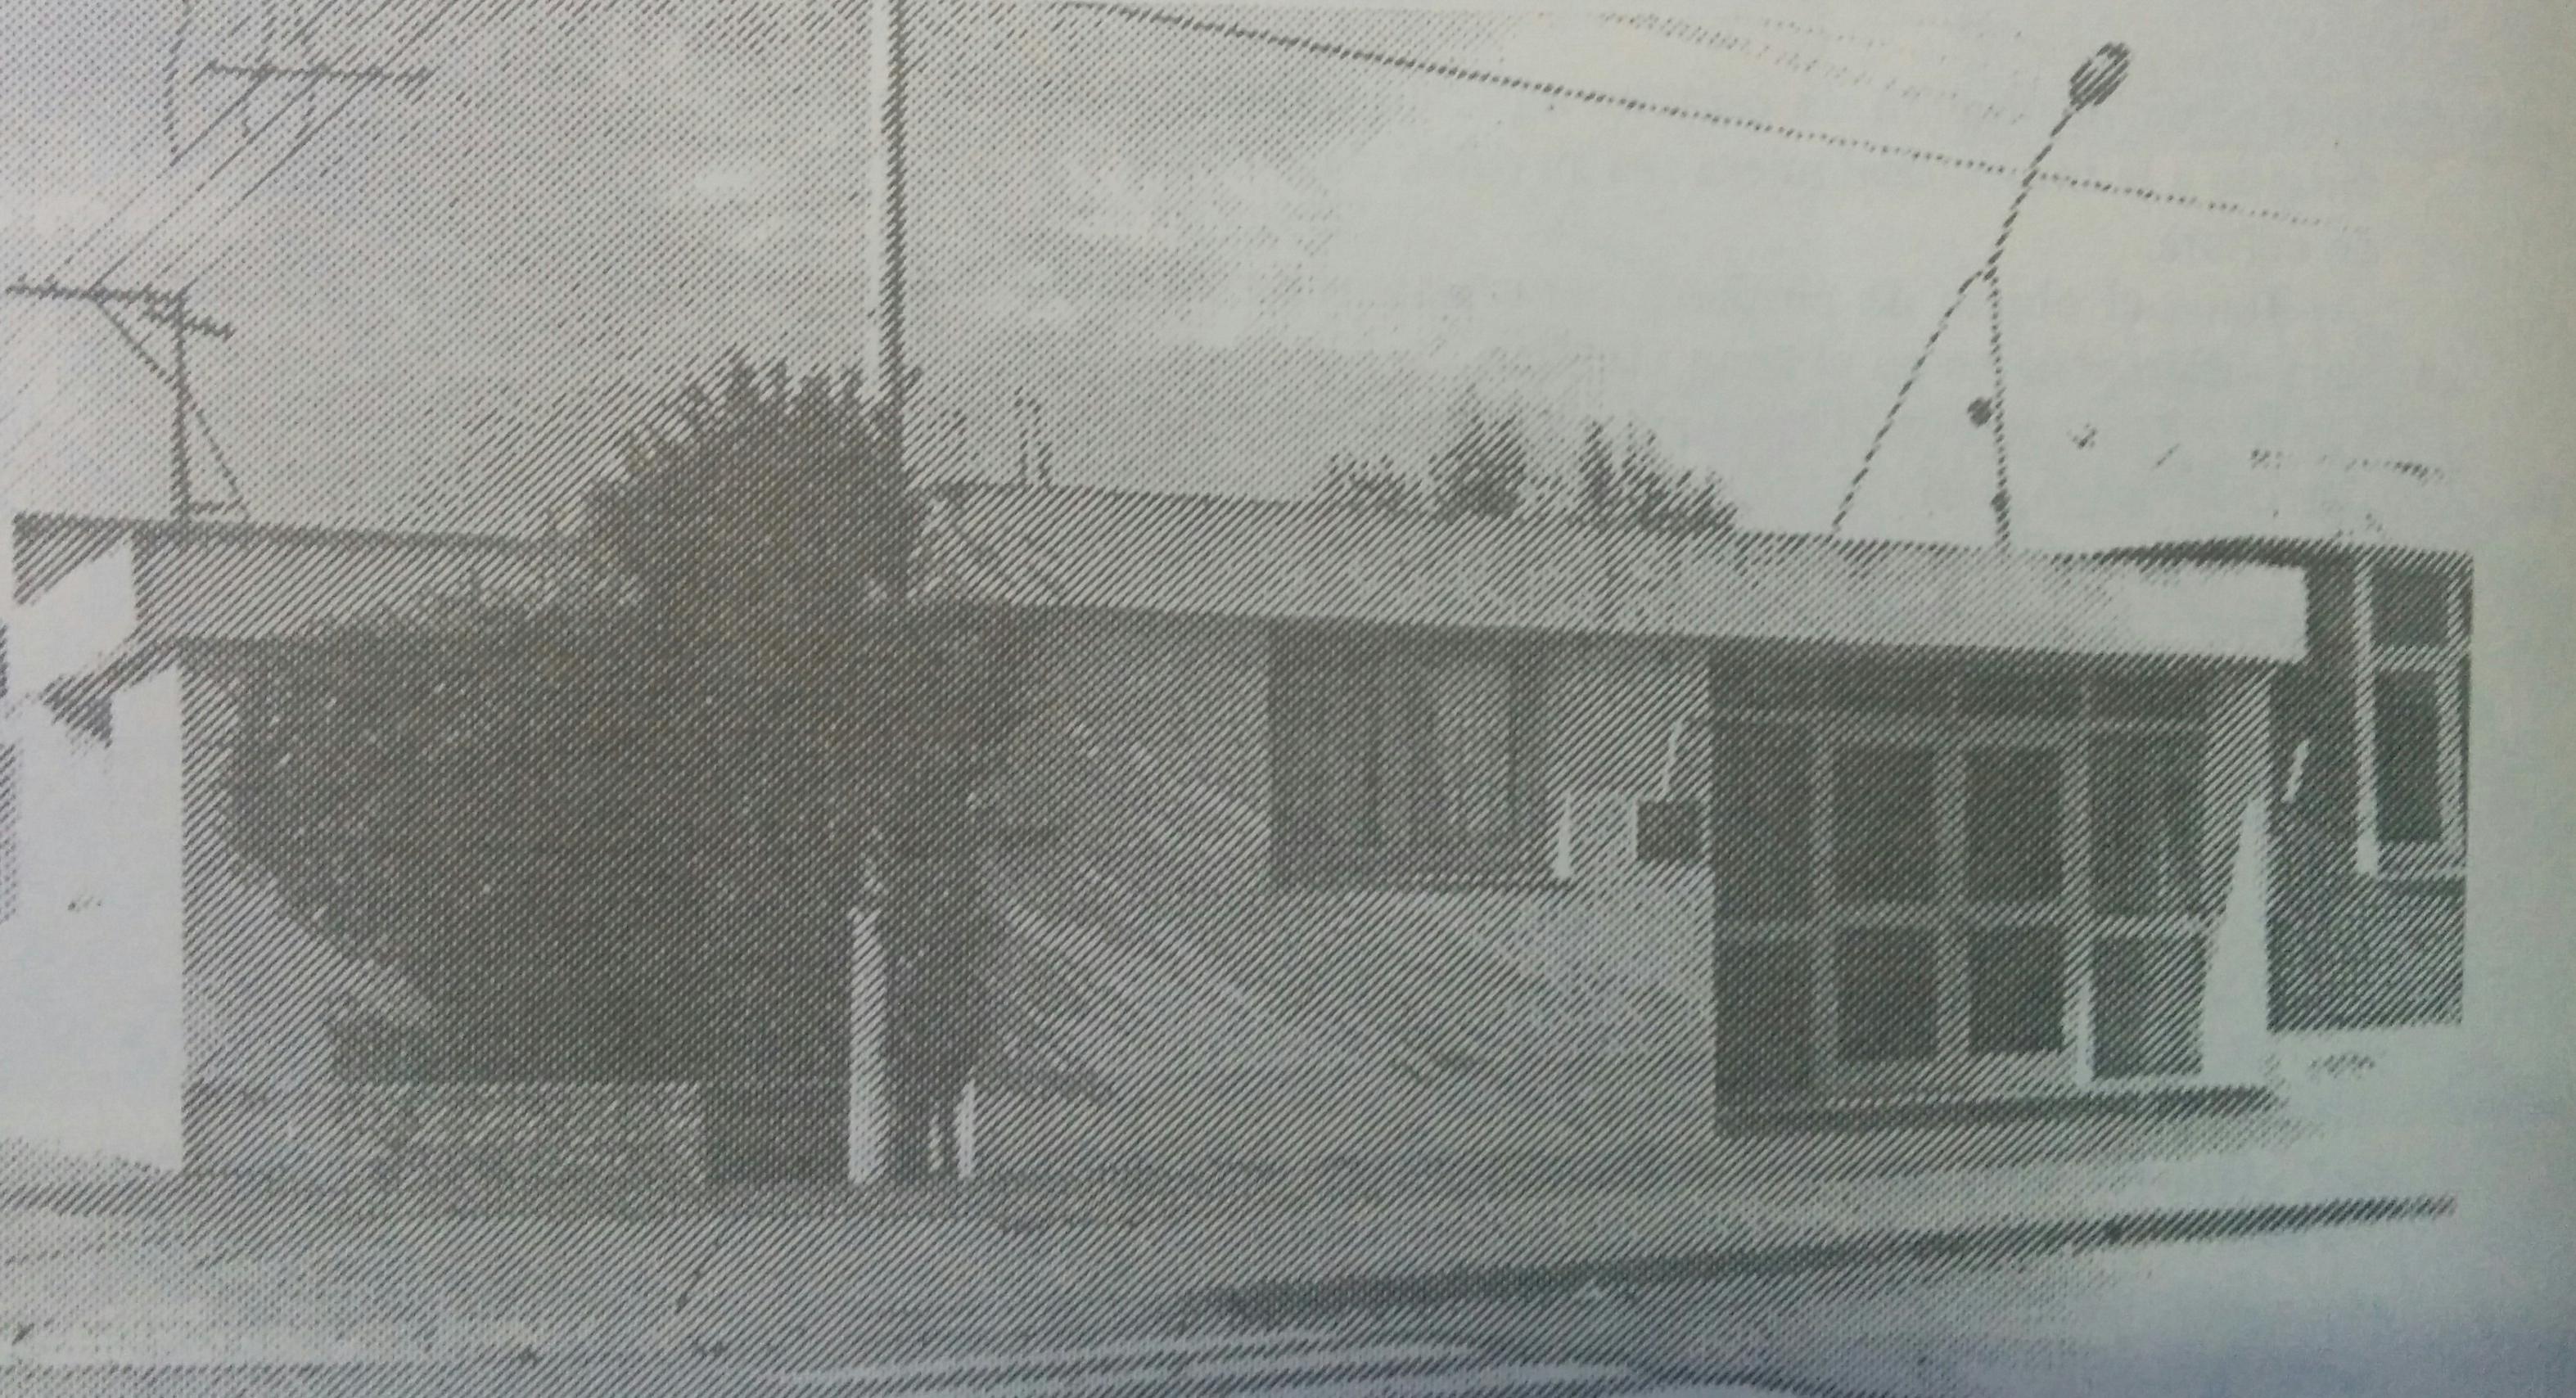 """La Escuela de Educación Media Nº 1 """"Bernardino Rivadavia"""", de la localidad de Moquehuá , creada el 15 de junio de 1961. El Dr. Hugo Osvaldo Bianchi, fue uno de sus fundadores y activos propulsores, y también, docente de dicho establecimiento educacional."""